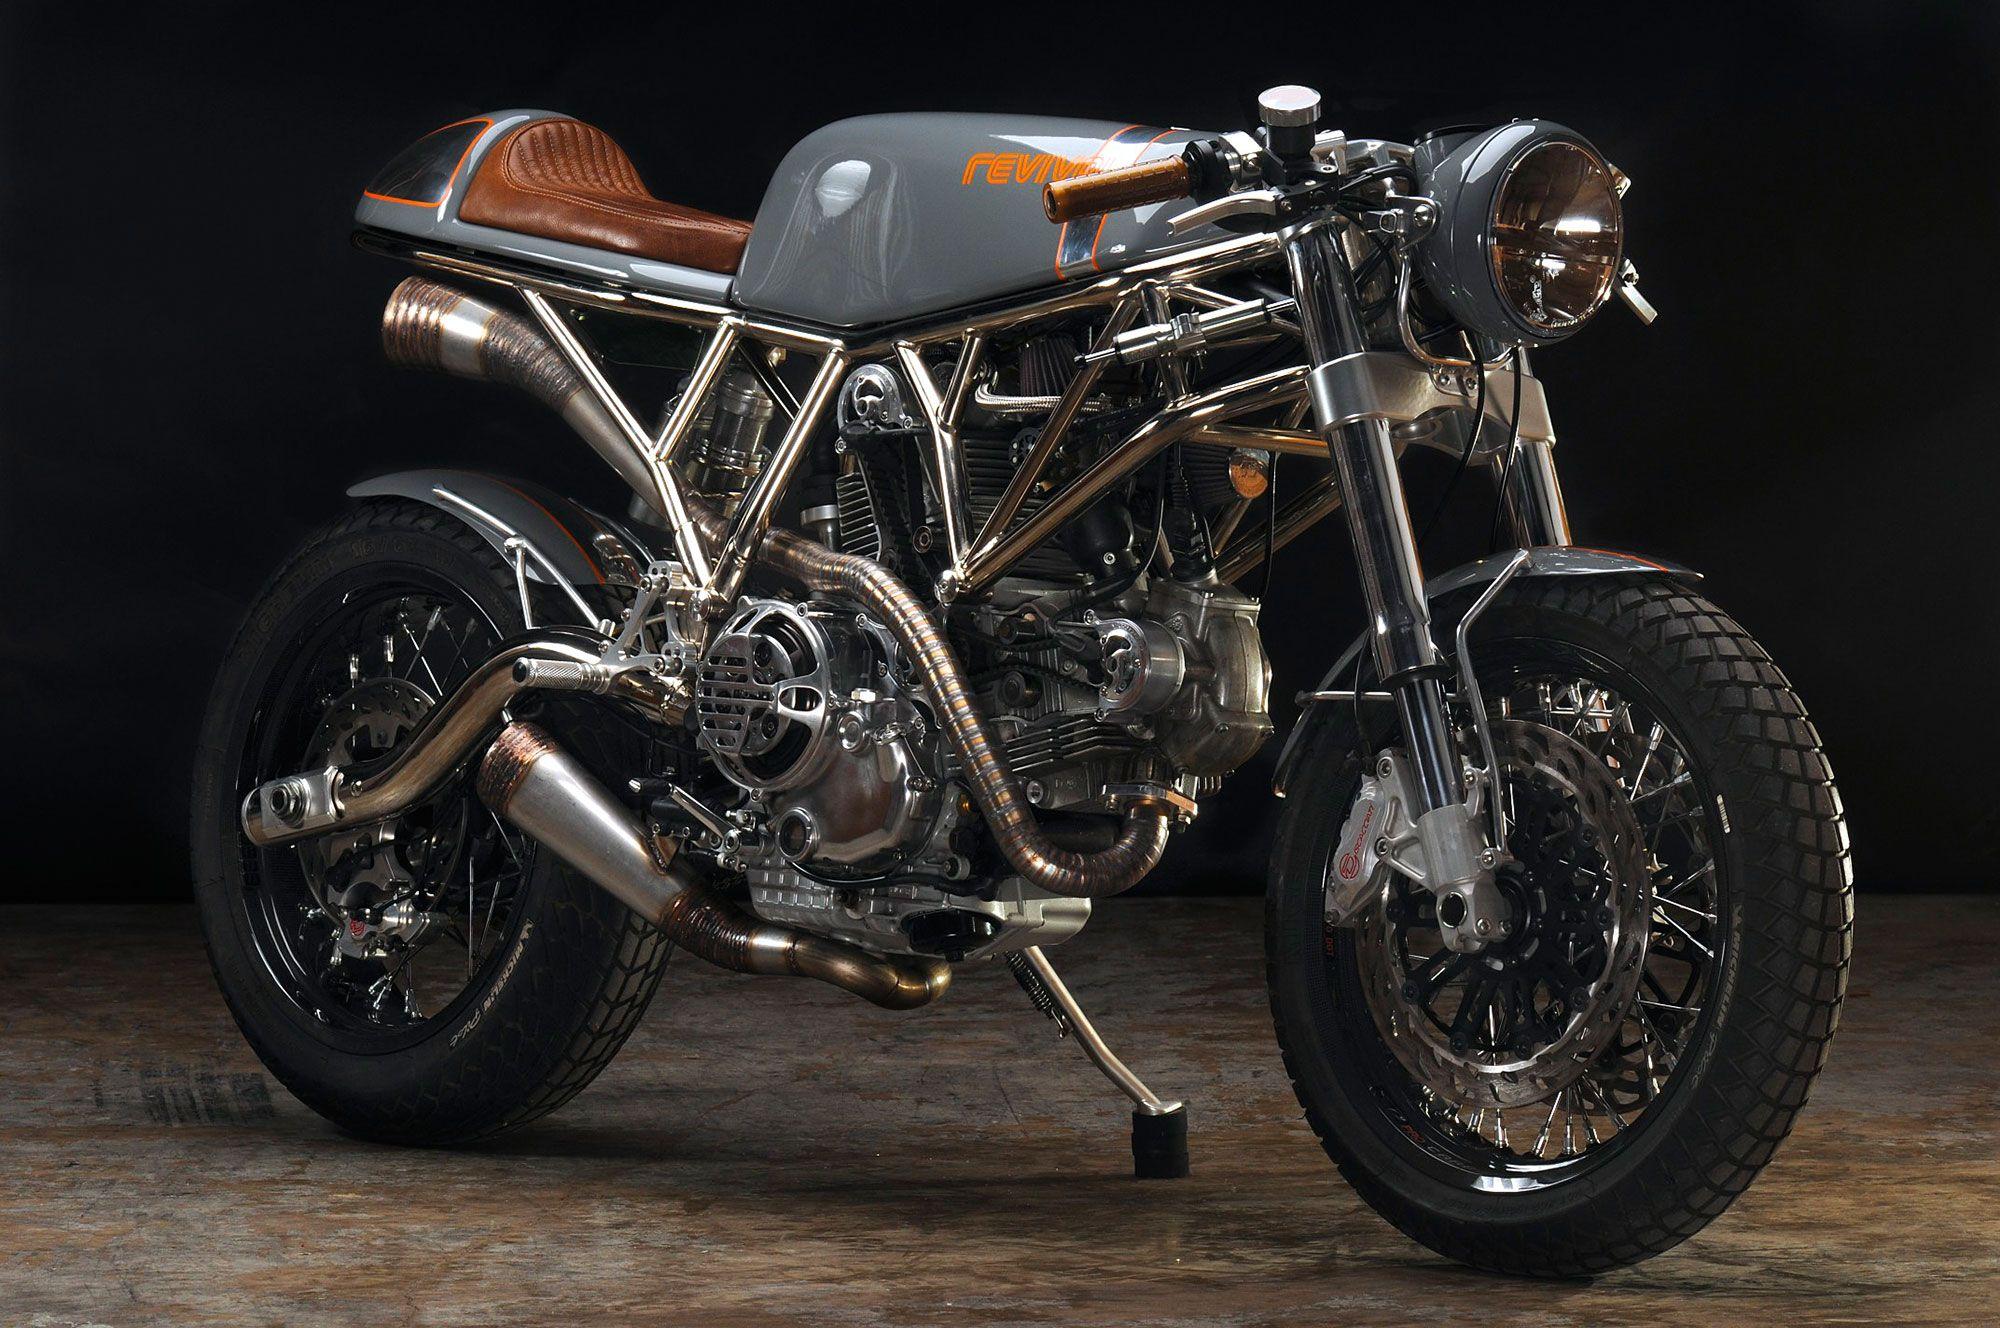 Revival Cycles Custom Build: 2006 Ducati Sport Classic - Pyro